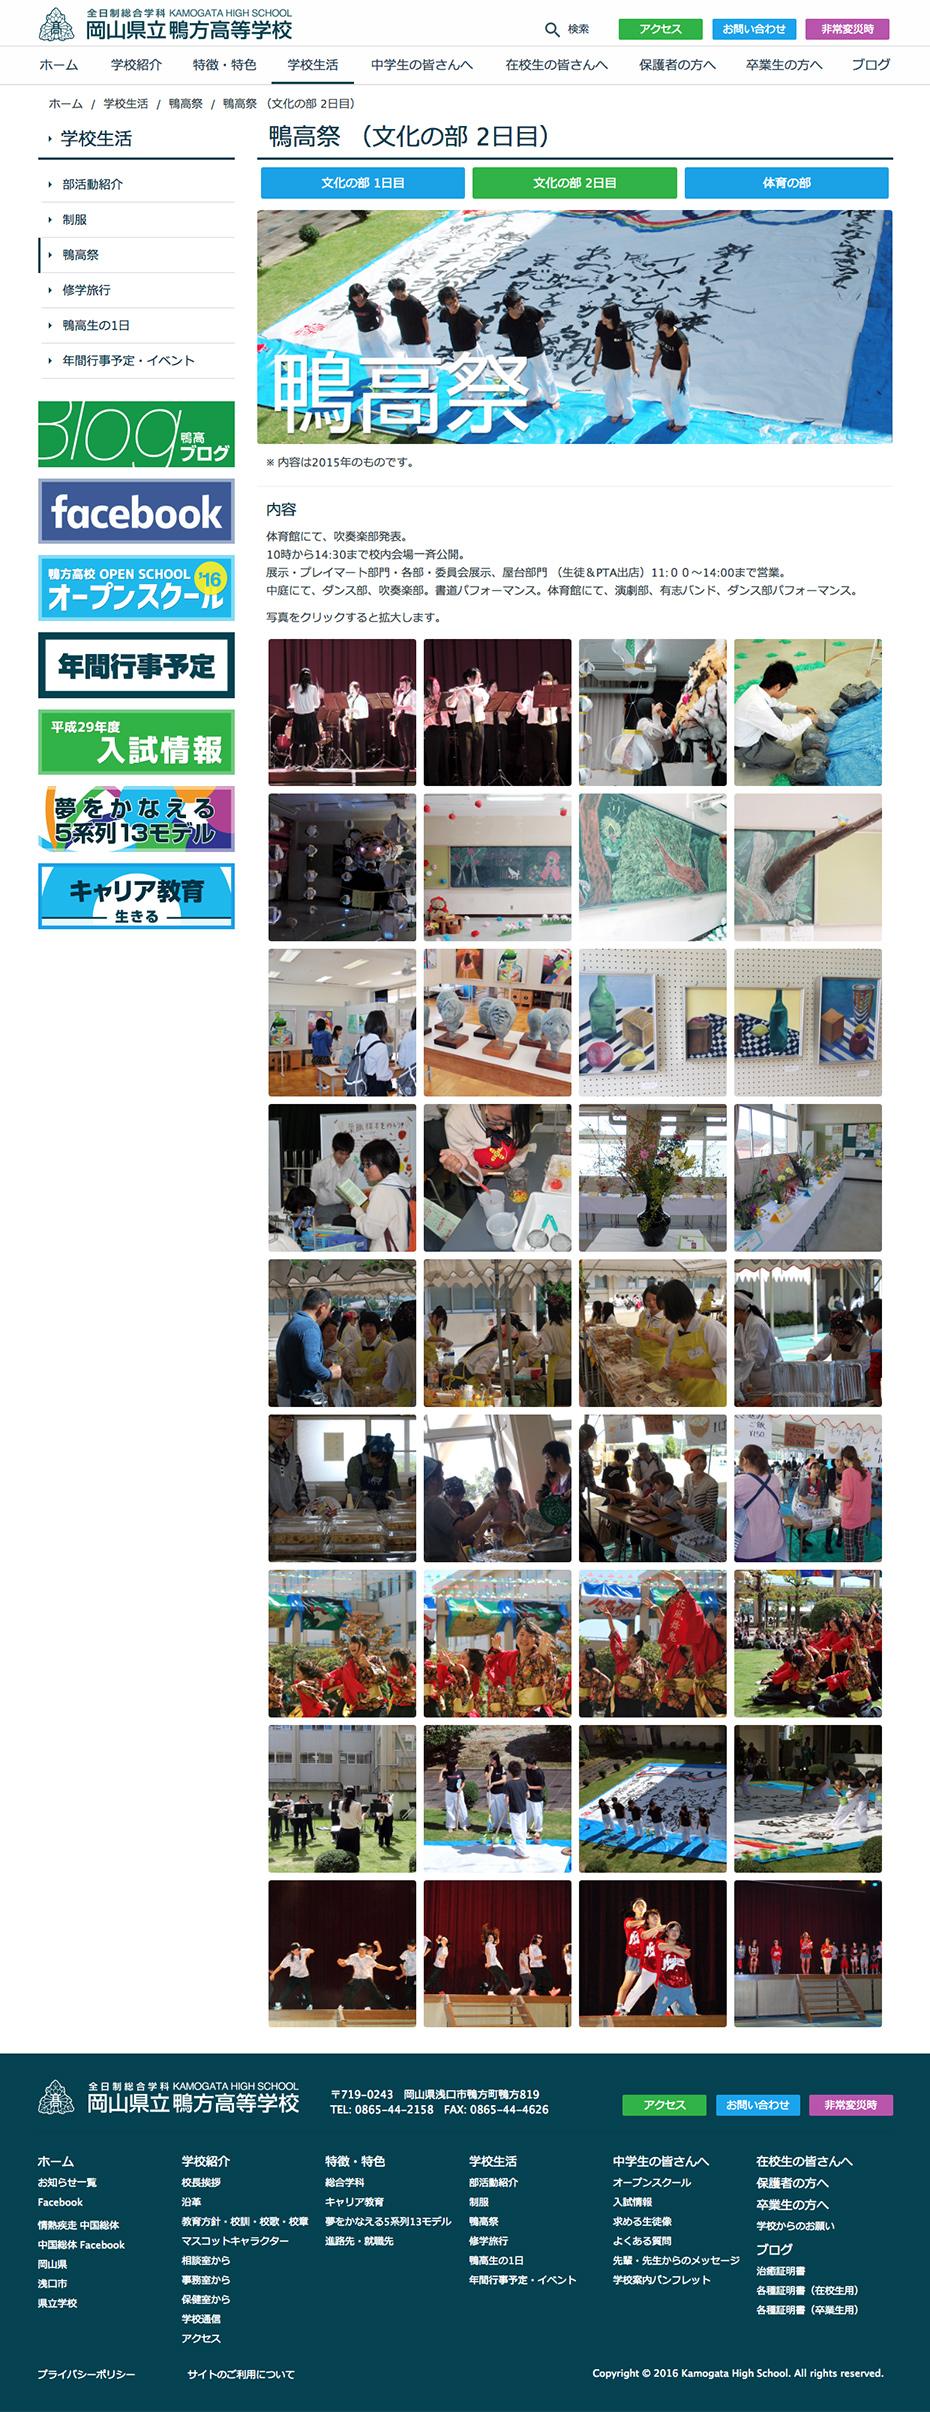 岡山県立鴨方高等学校様 ホームページ 鴨高祭 2日目